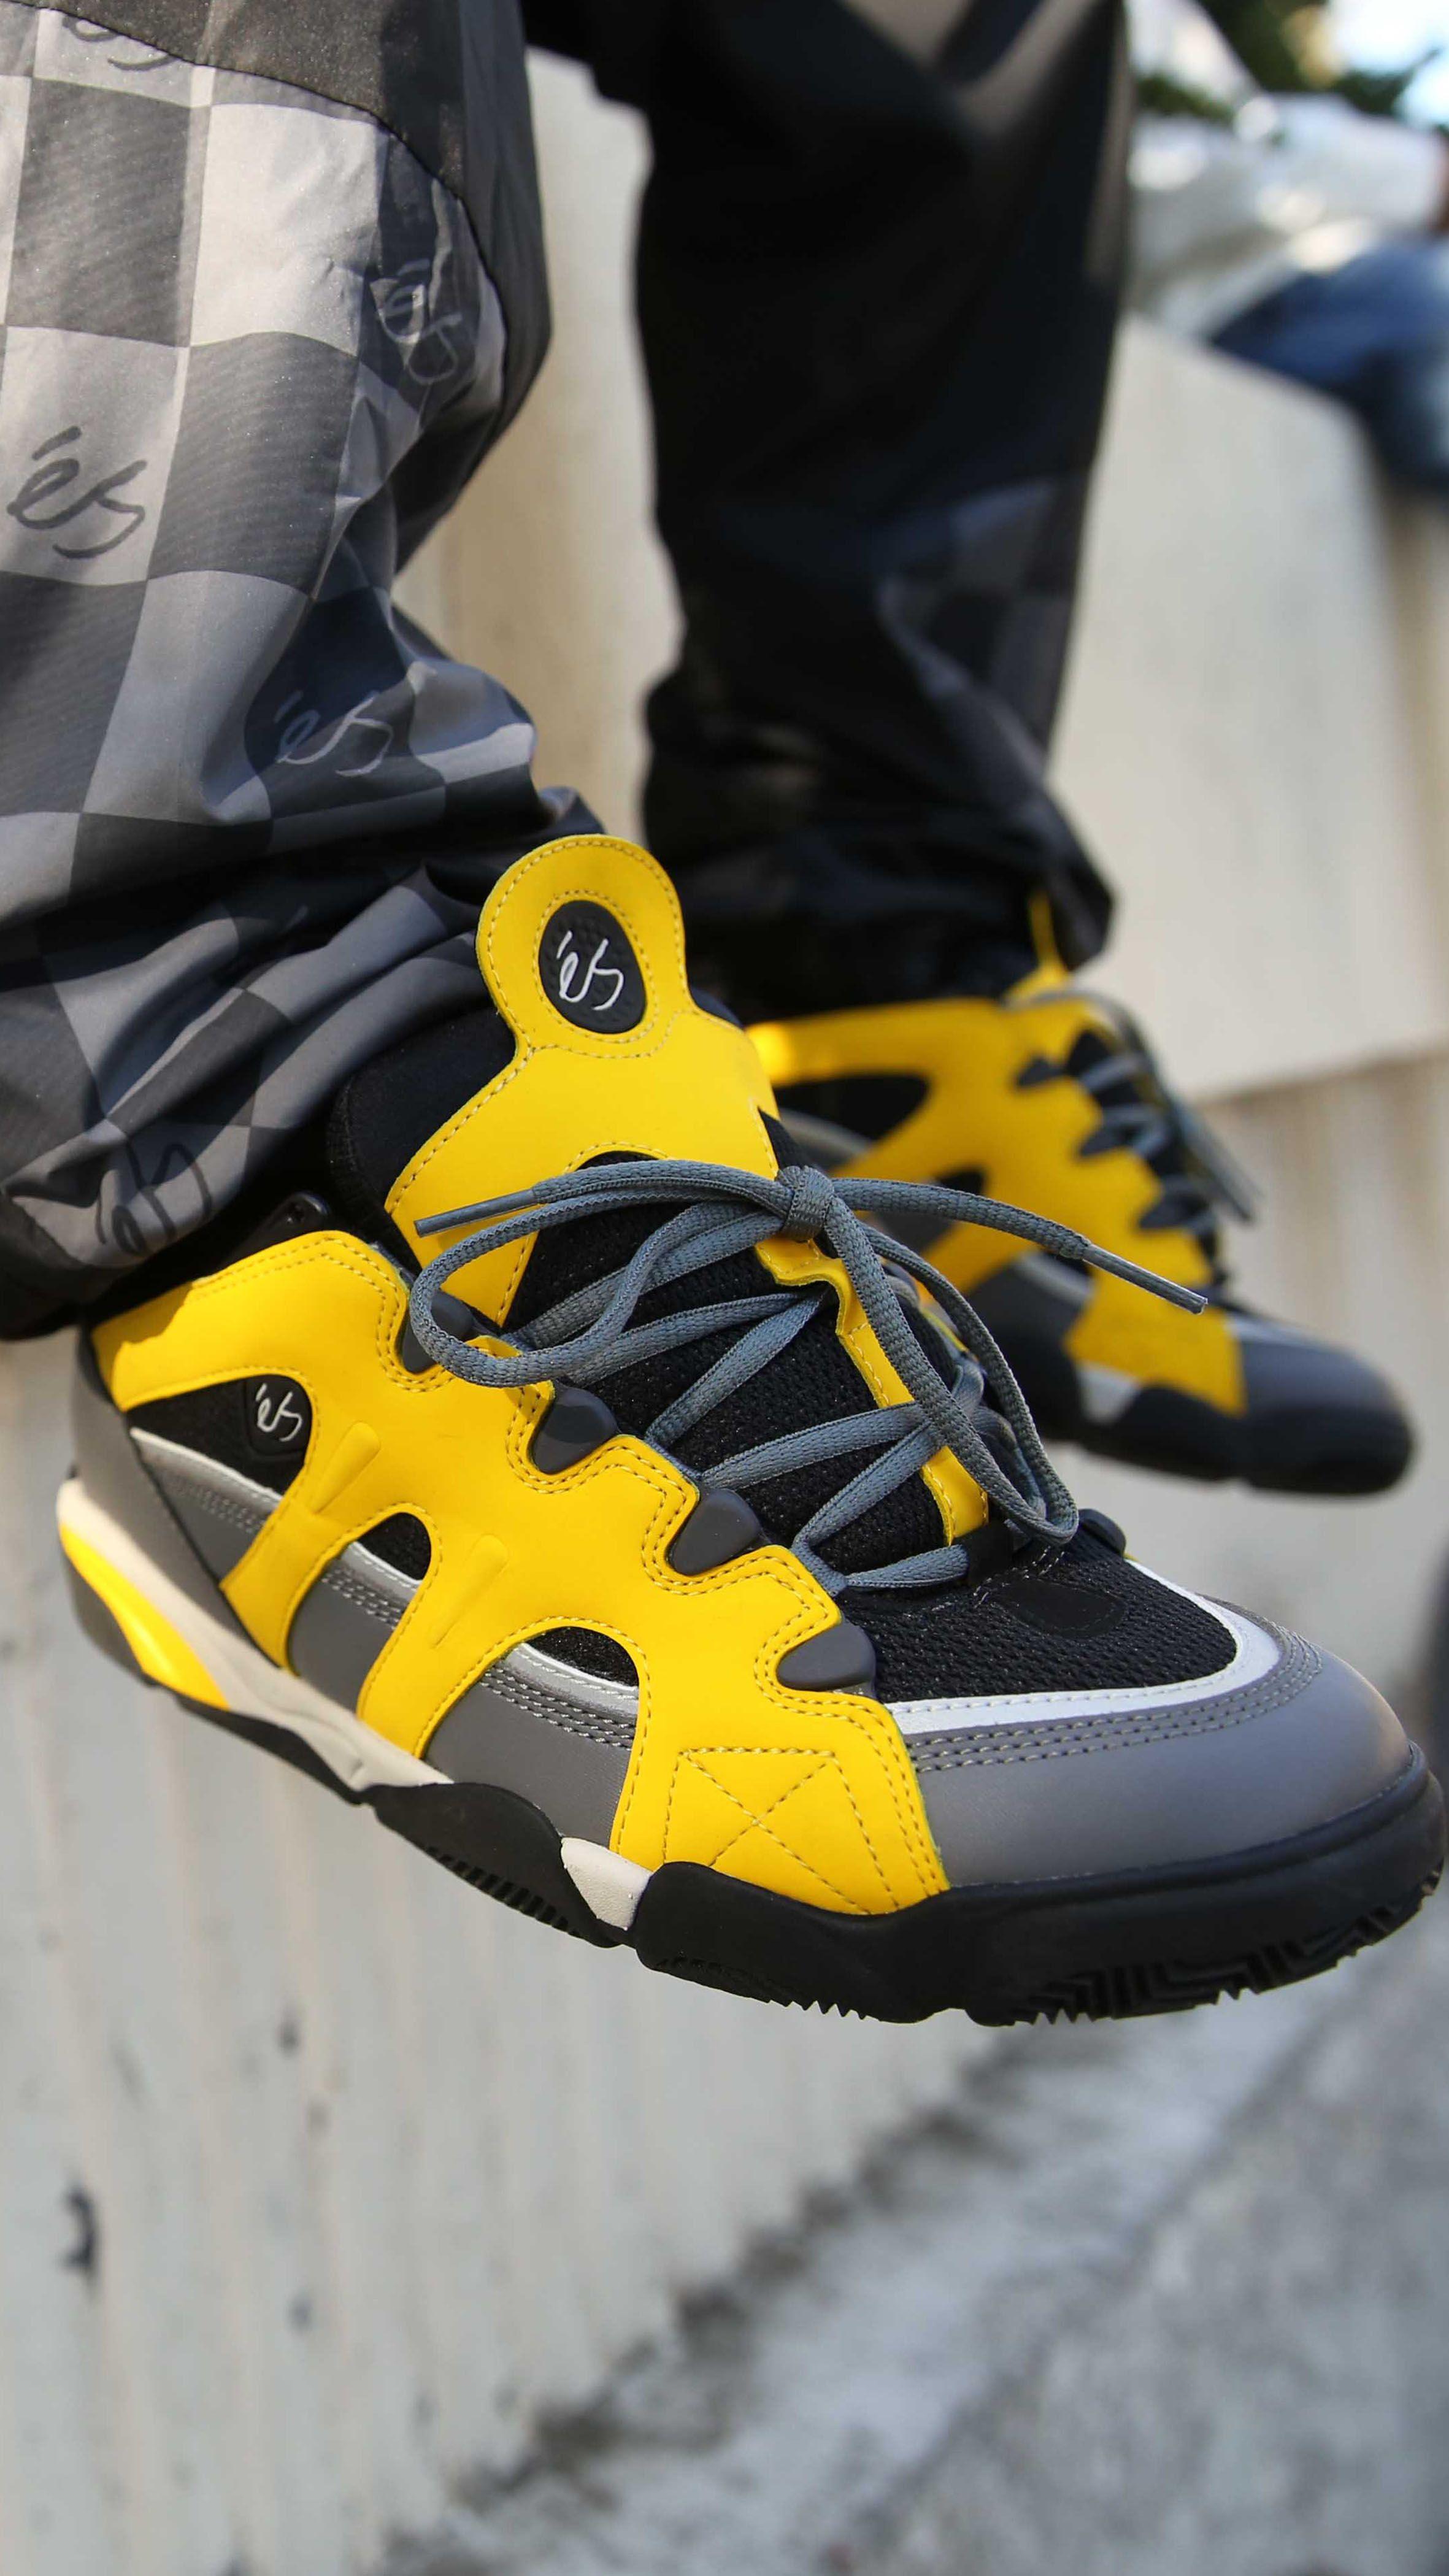 b9990277392 ✨New✨ éS Scheme reissue . . #esfootwear #es #esskateboarding #scheme  #esscheme #skateshoes #sneakers #trainers